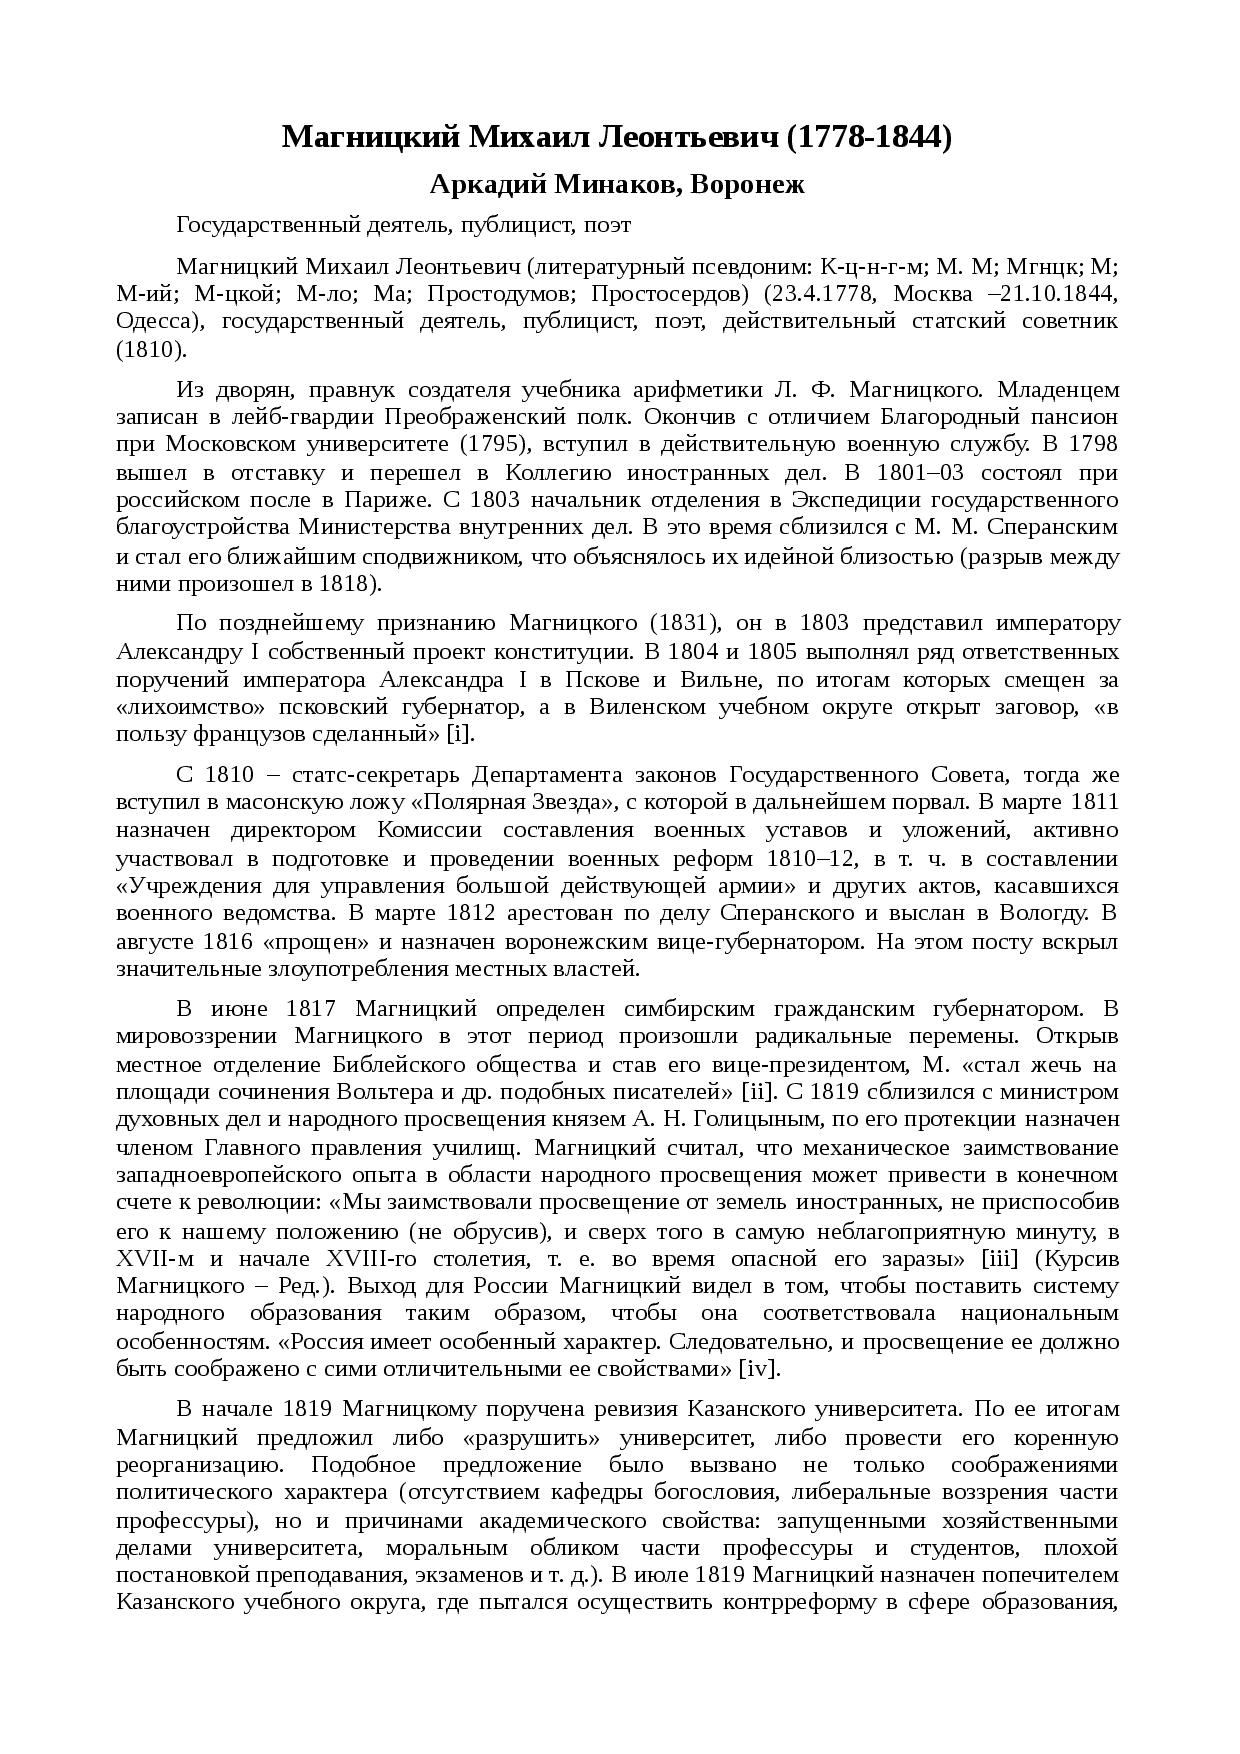 сергей леонидович магнитский сын никита